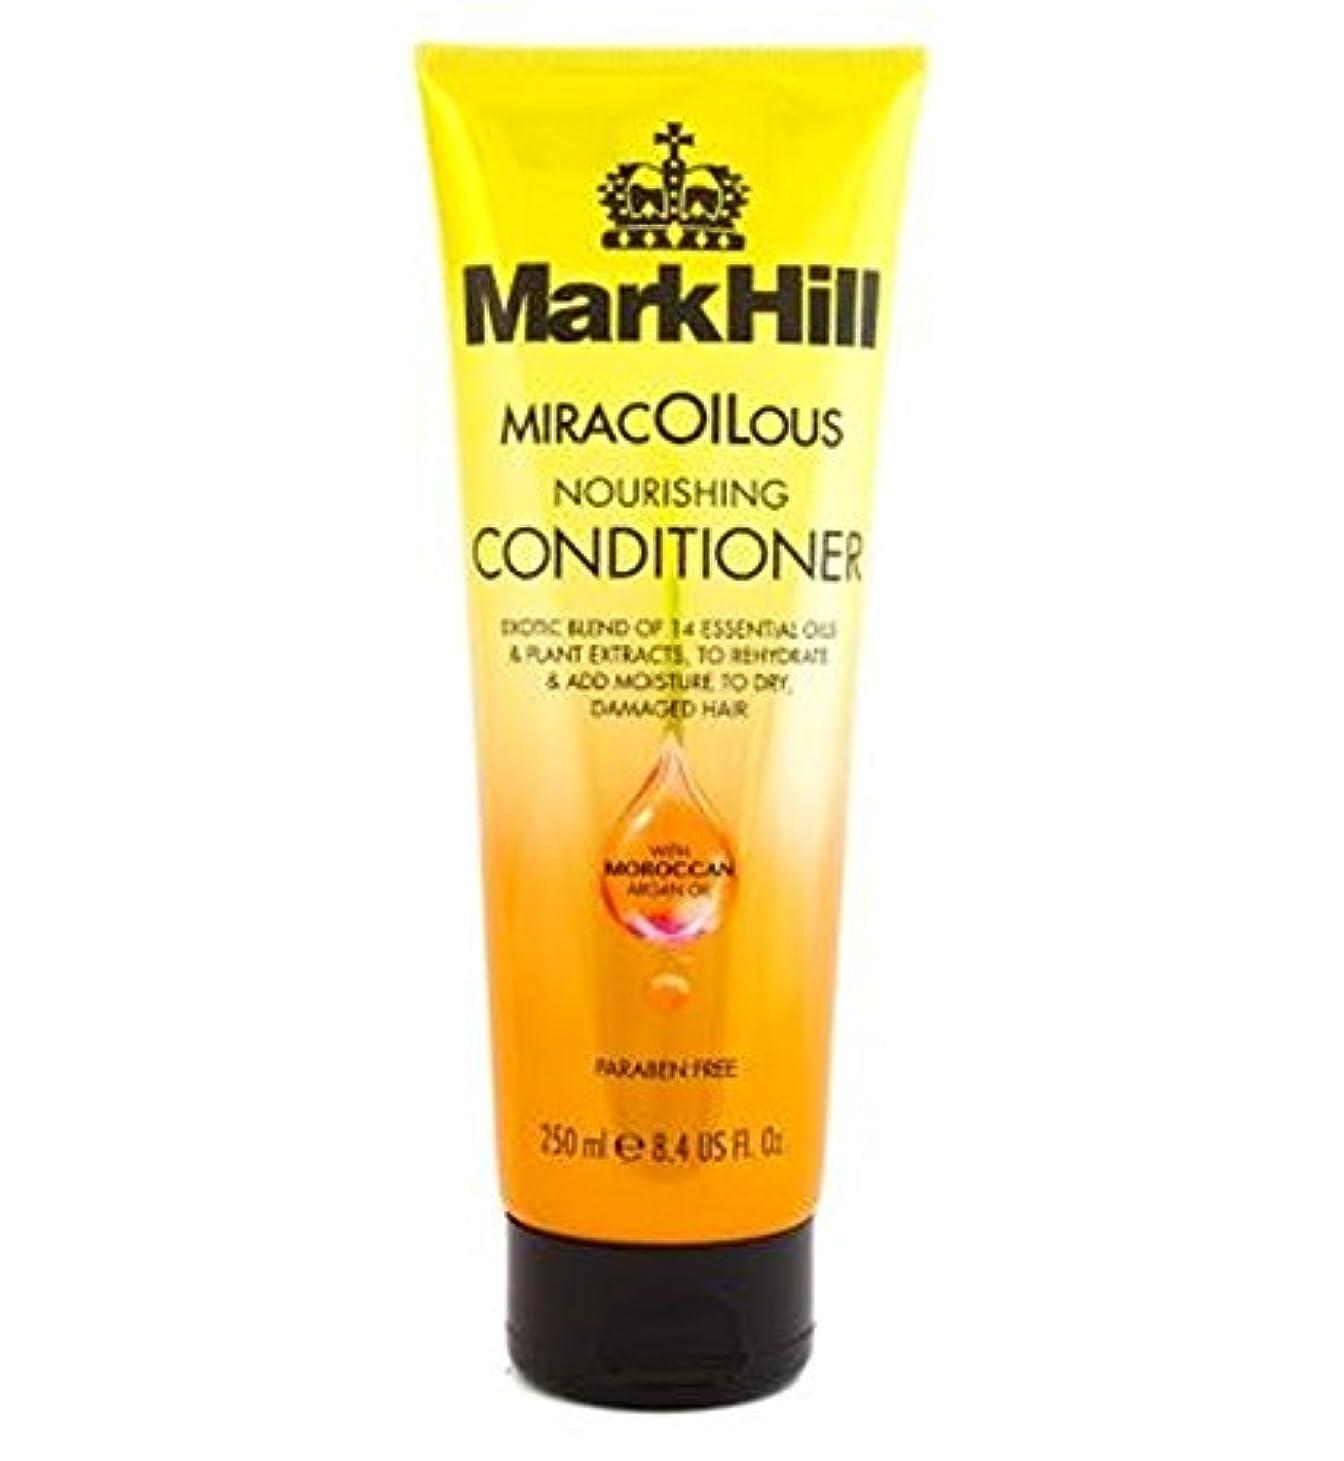 ソーシャルライセンス埋めるMark Hill MiracOILicious Conditioner 250ml - マーク丘Miracoiliciousコンディショナー250Ml (Mark Hill) [並行輸入品]